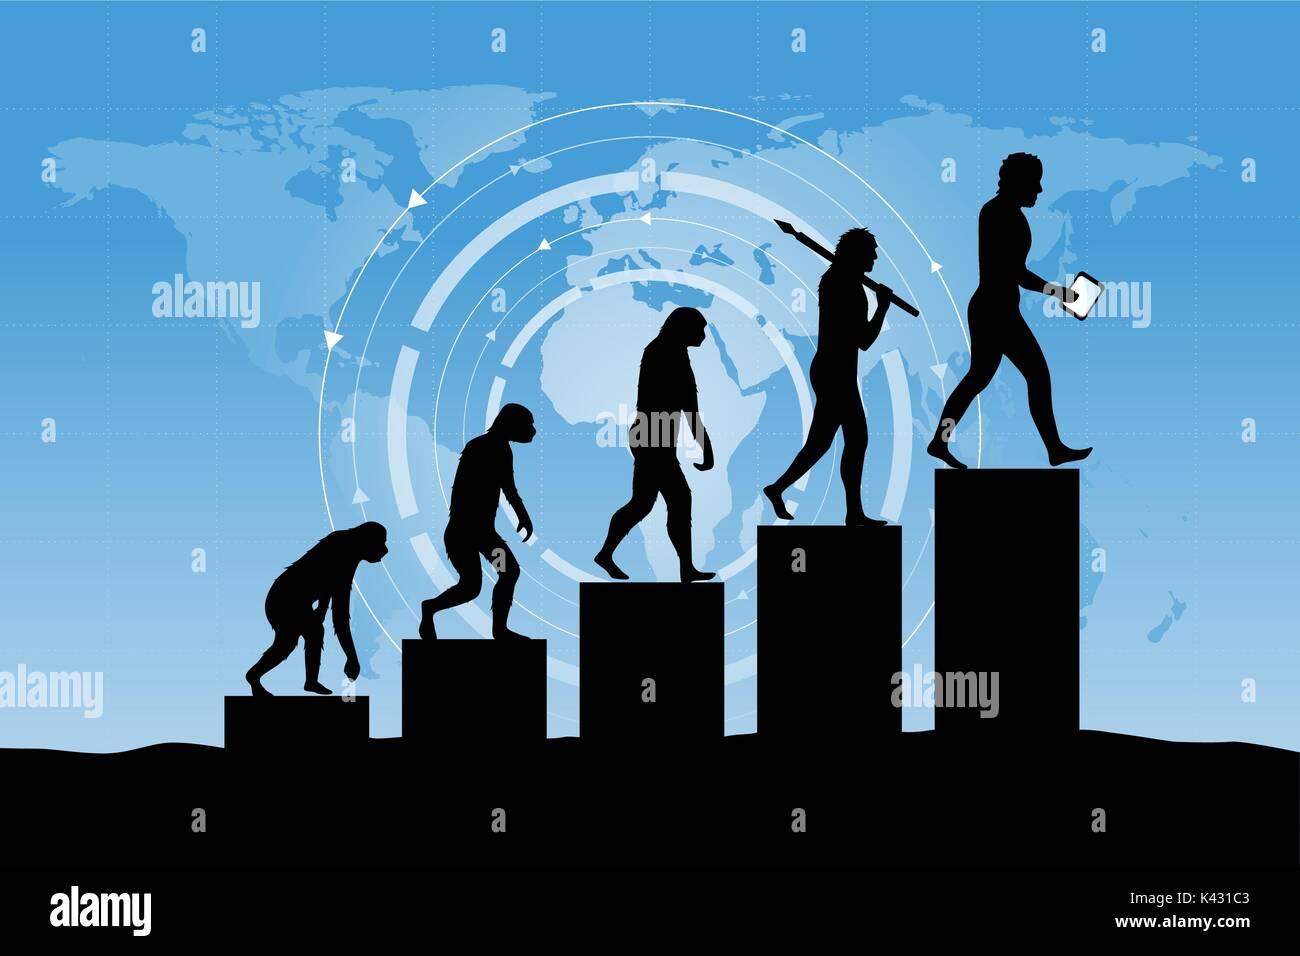 Evoluzione umana nella presente nel mondo digitale. Il rischio aziendale concetto! Immagini Stock